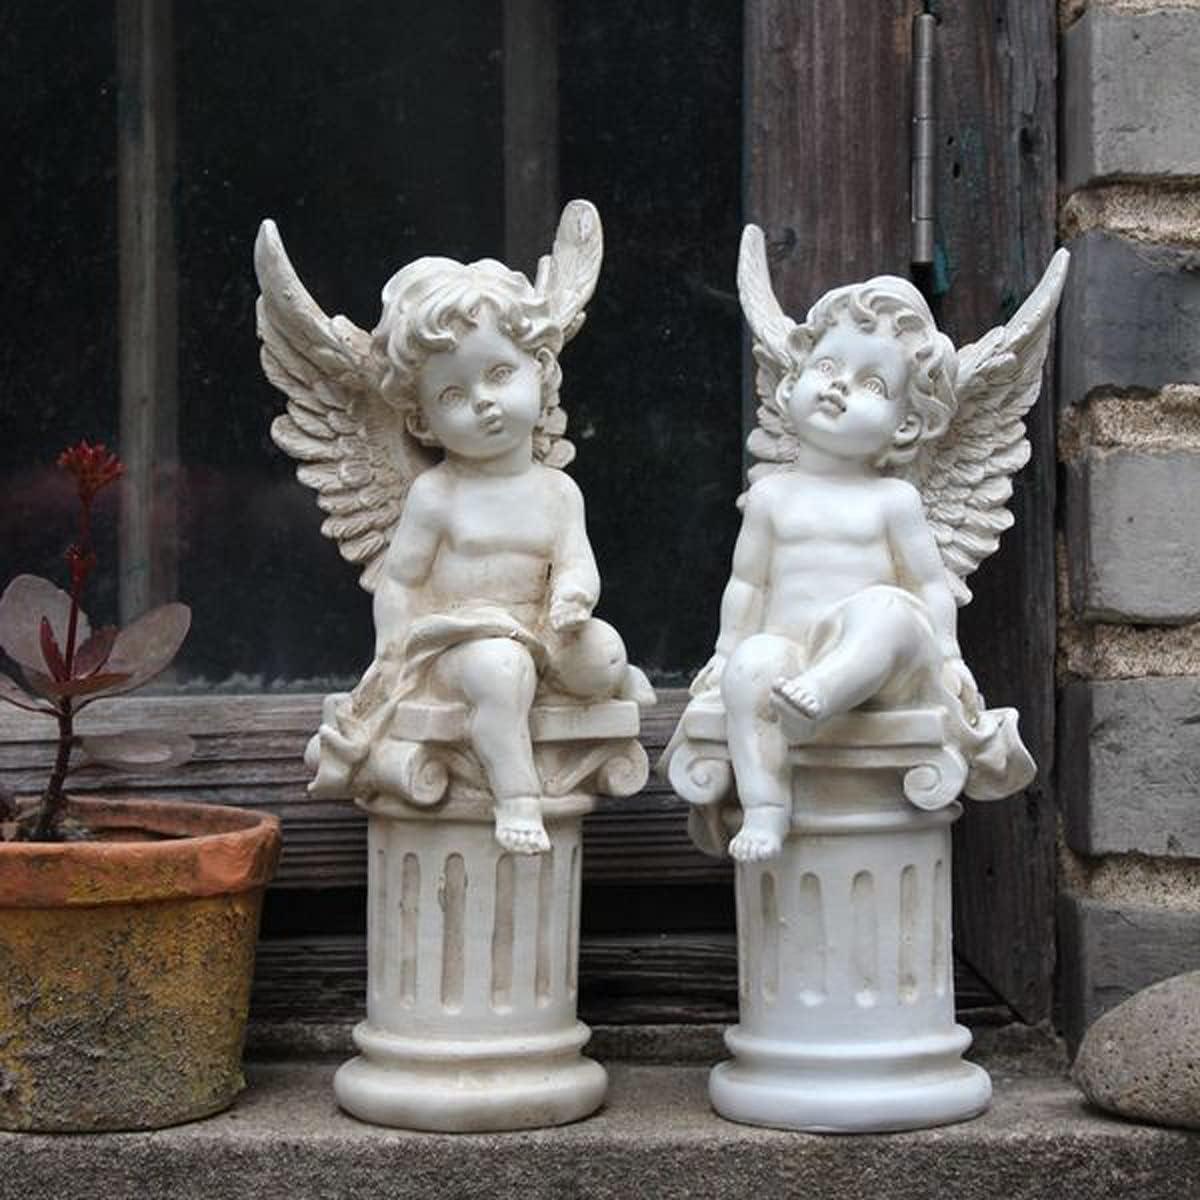 OWADAR Set of 2 Cherub Angel Garden Statue Figurine Roman Pillar Greek Column Angel Statue Figurine Sculpture Indoor Outdoor Home Garden Decoration Weathered Antique Resin 9.8